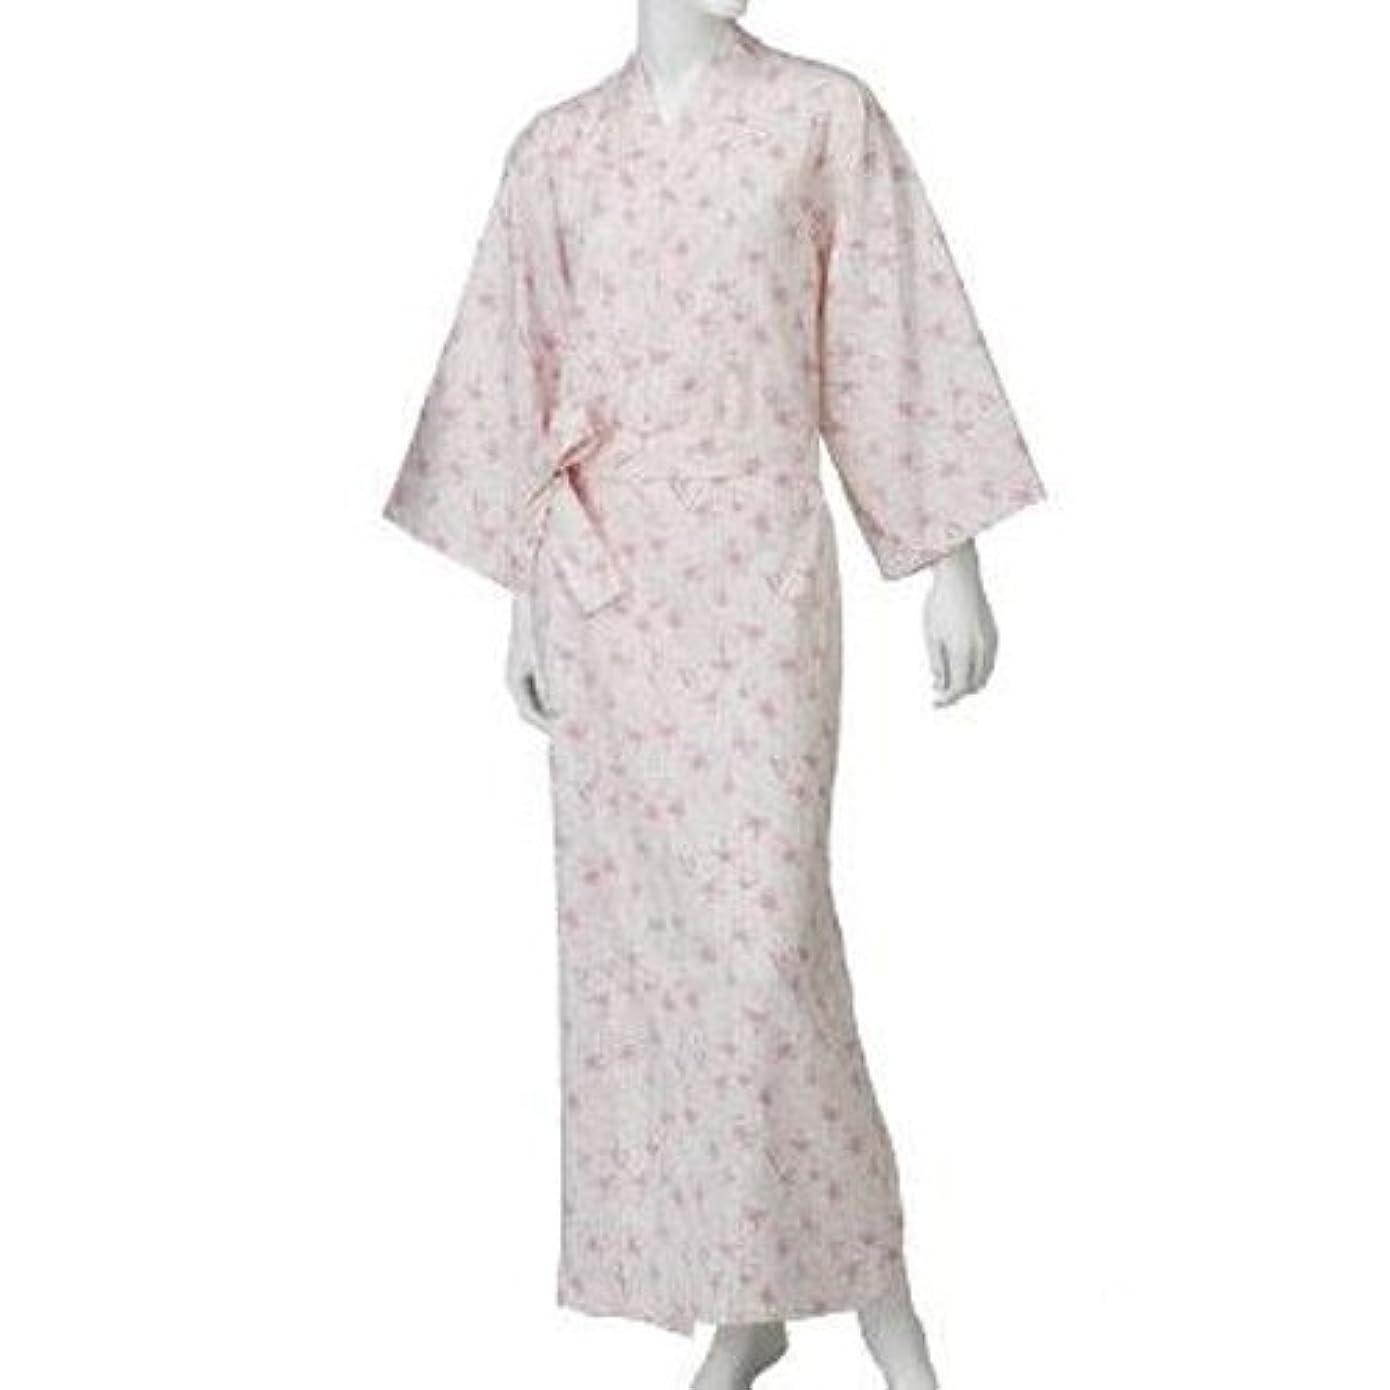 フォローお祝いデッドコベス 婦人カラーガーゼねまき ピンク NE69 L